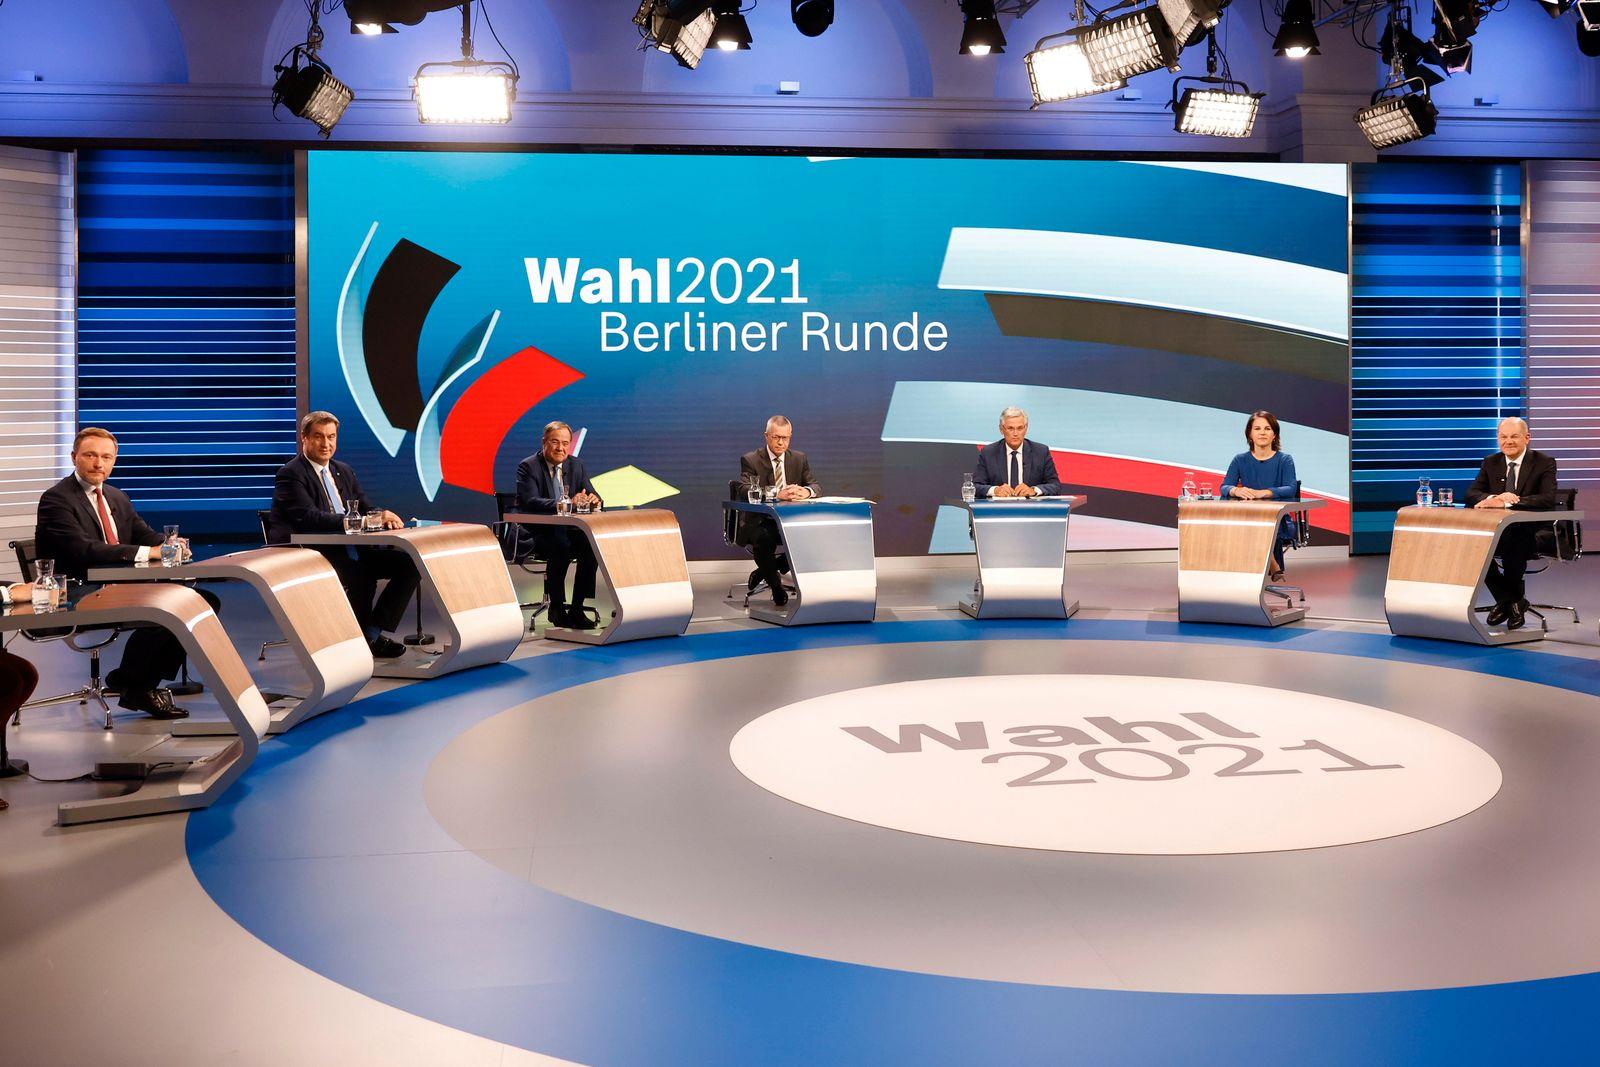 Berliner Runde TV debate after German general elections